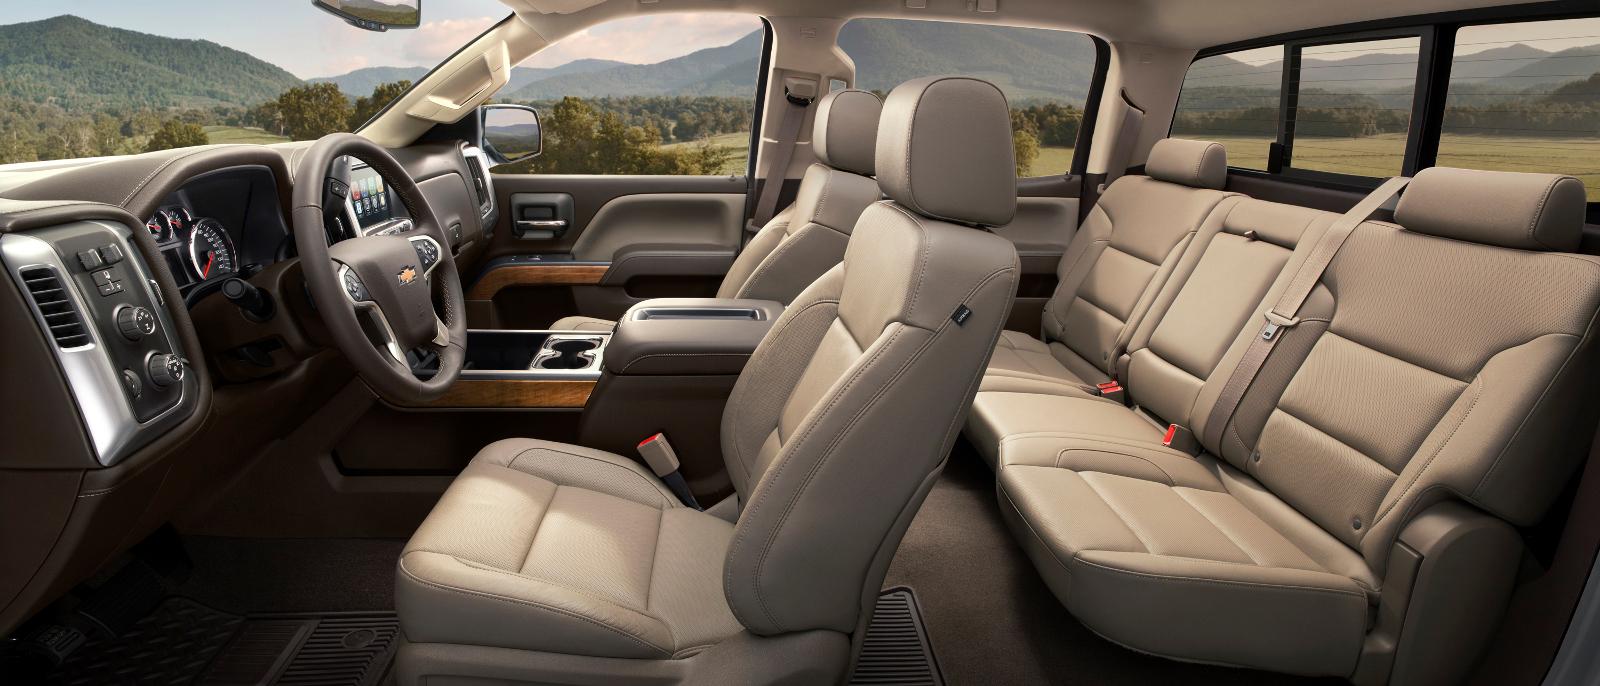 2016 Chevrolet Silverado 1500 Interior